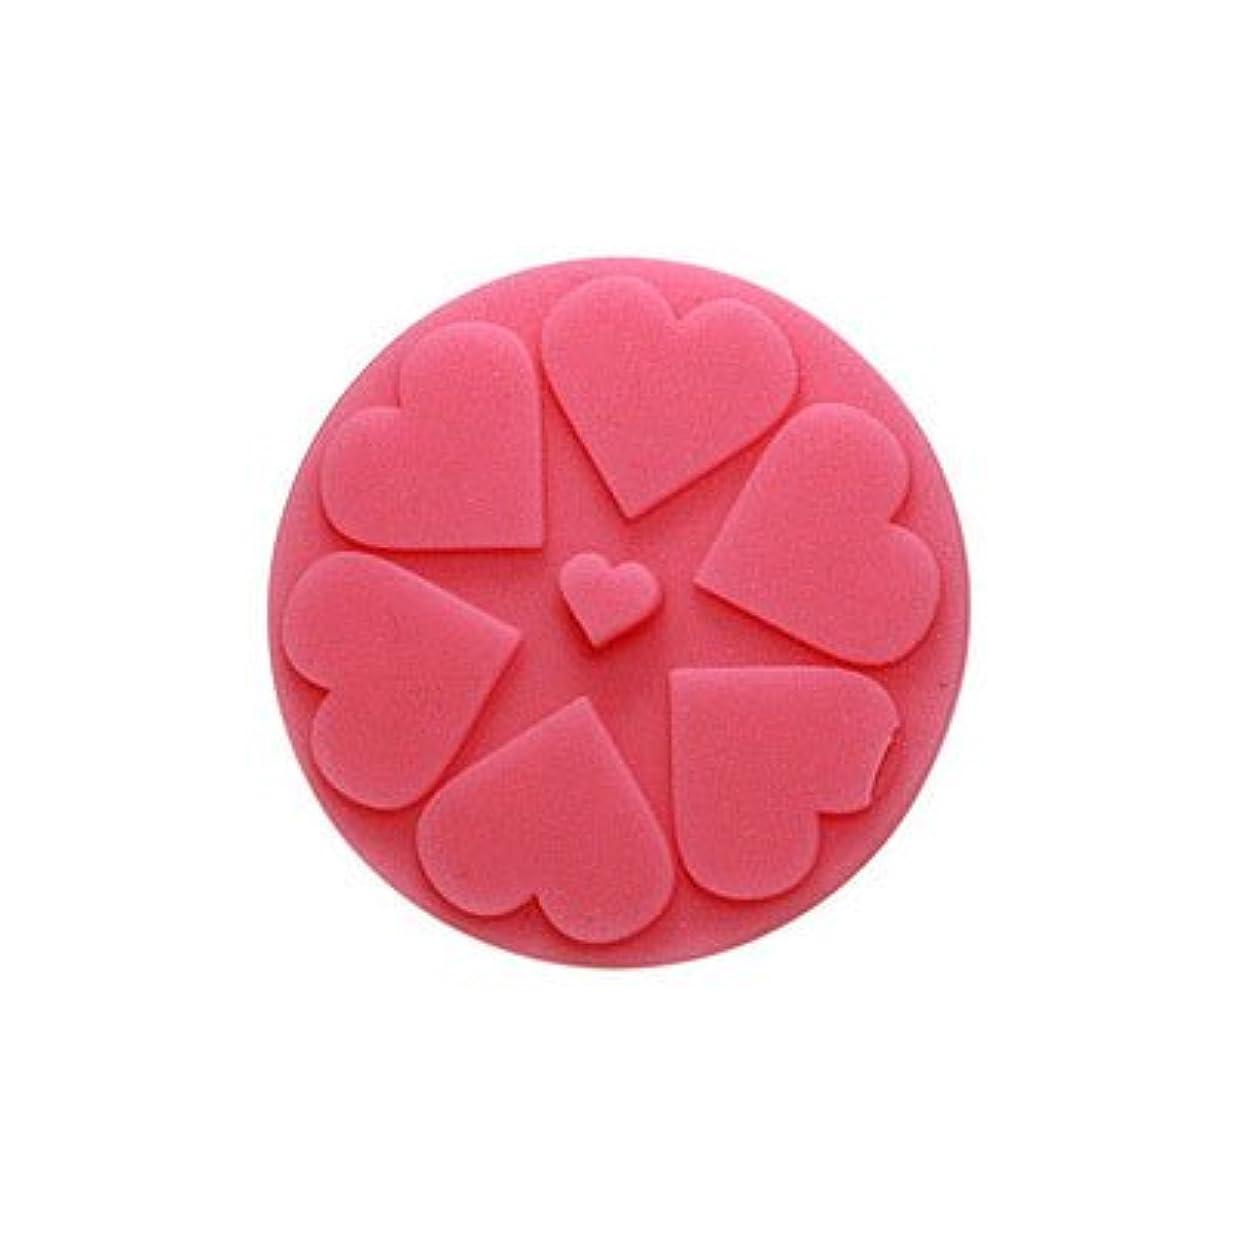 寝室を掃除するアッパー特権的フォーダイヤモンズ シリコン ステアライザー パッド ピンク